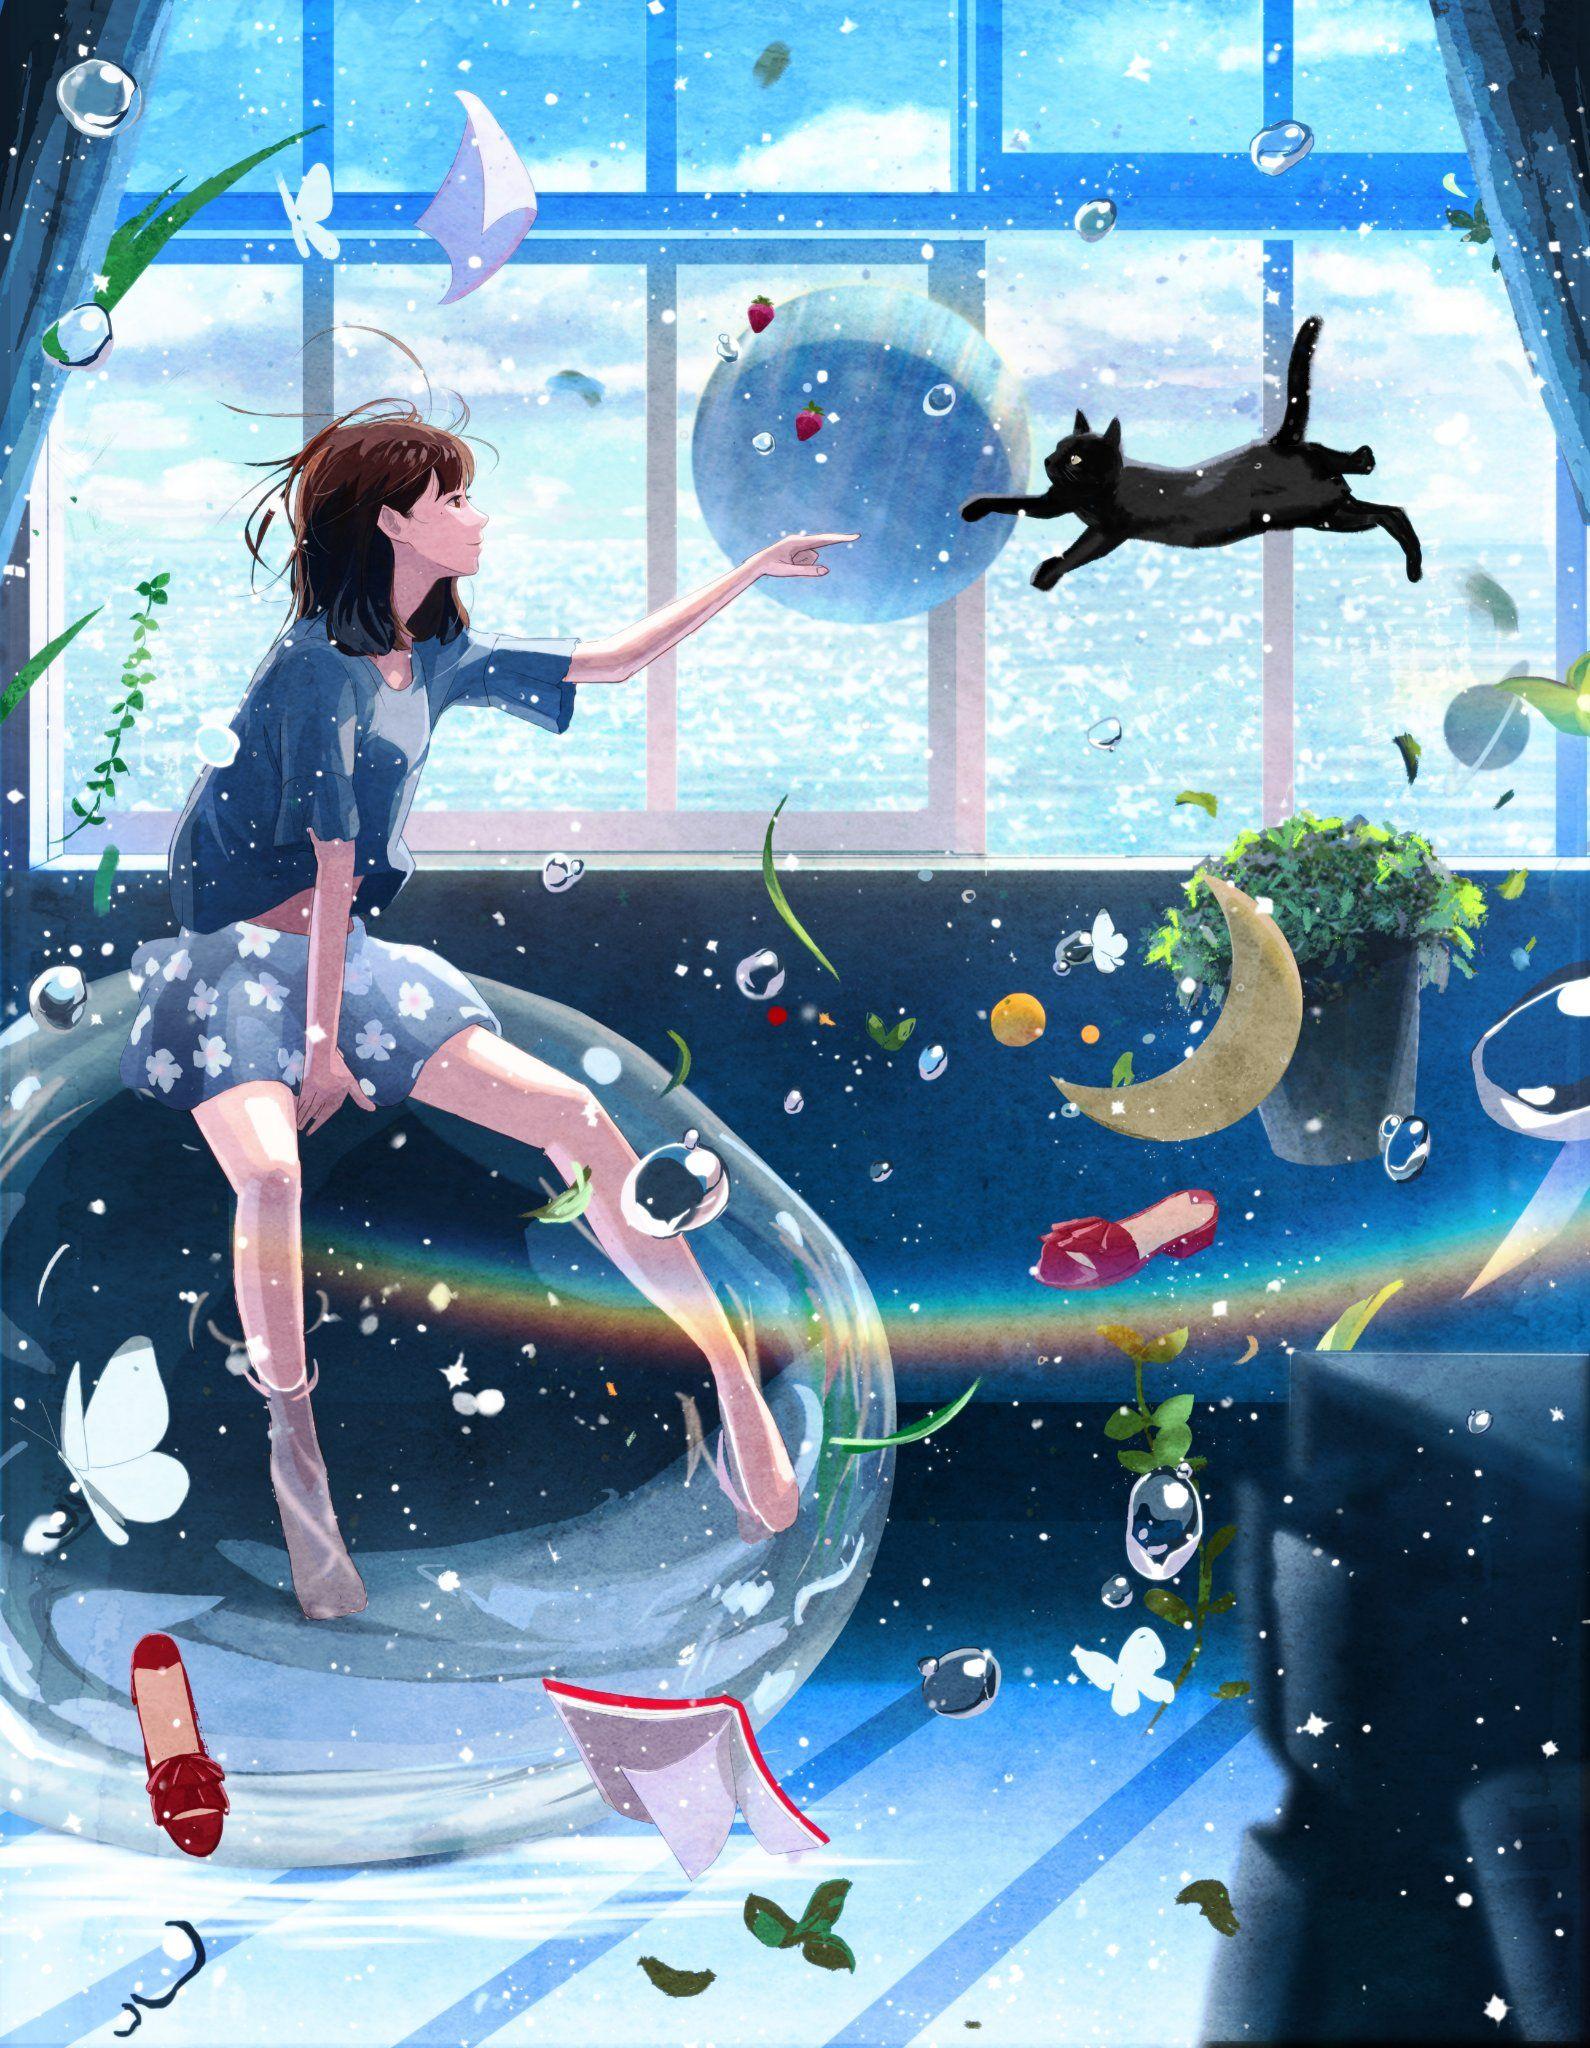 THE ART OF VIDEO GAMES on Twitter  Anime art girl, Anime scenery